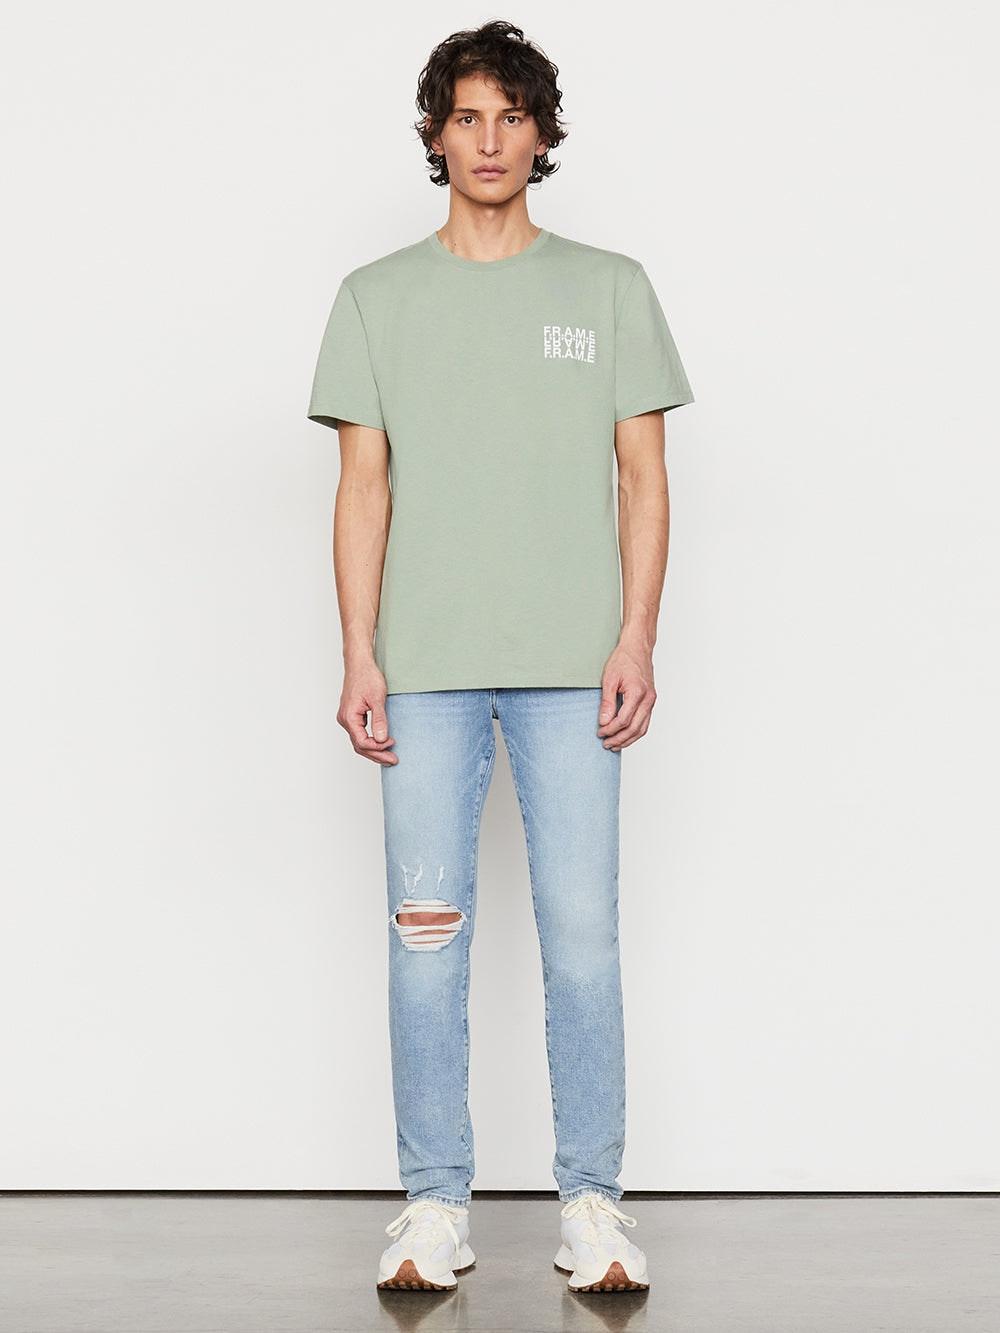 shirt full body view alt:hover